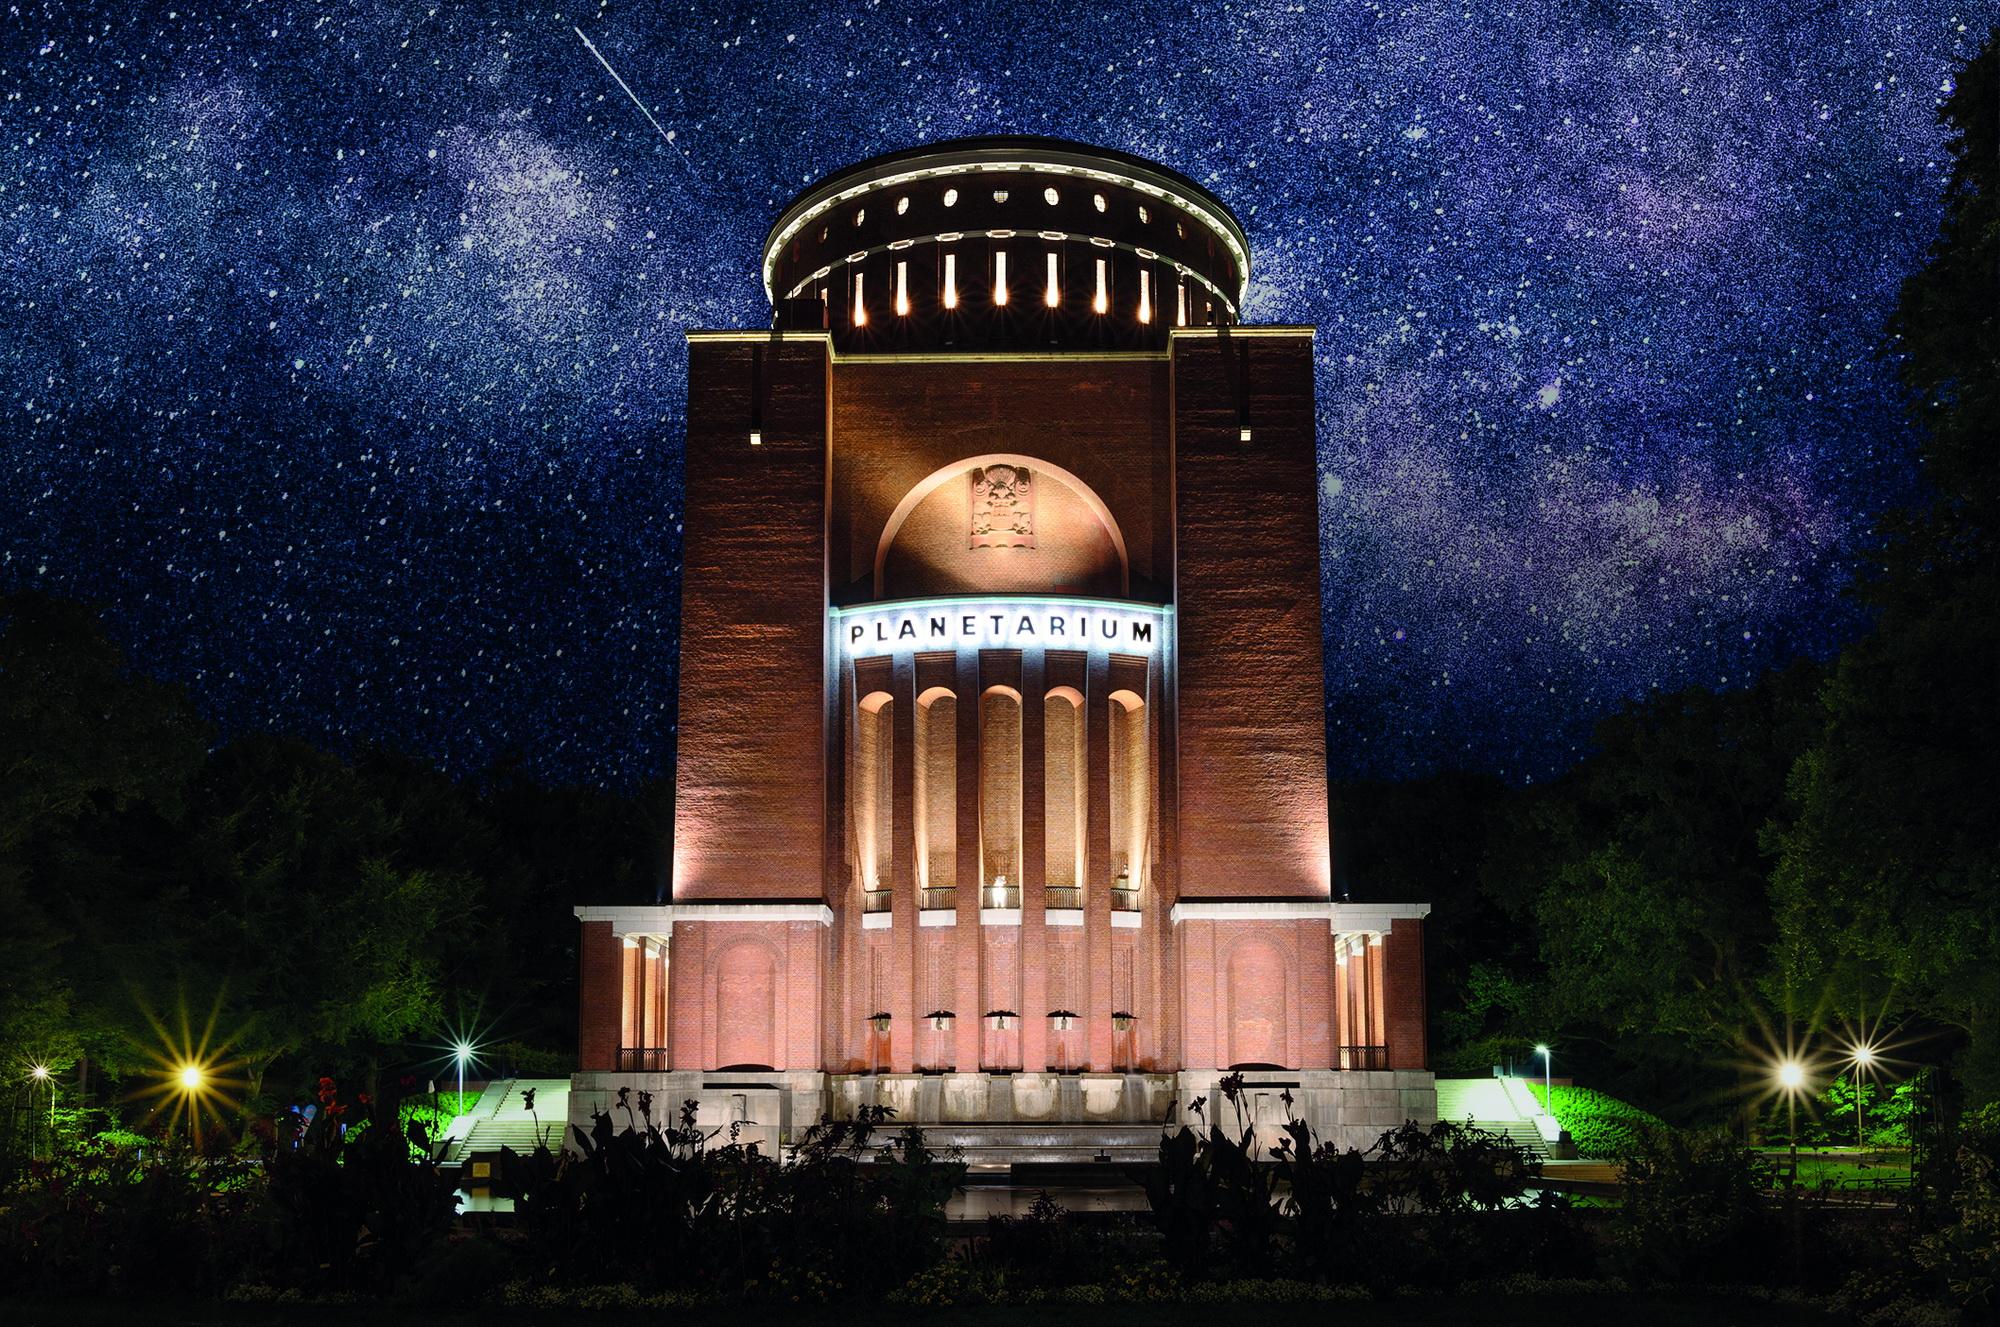 PlanetariumHHBeiNacht1_cFotografenwerkHH.jpg